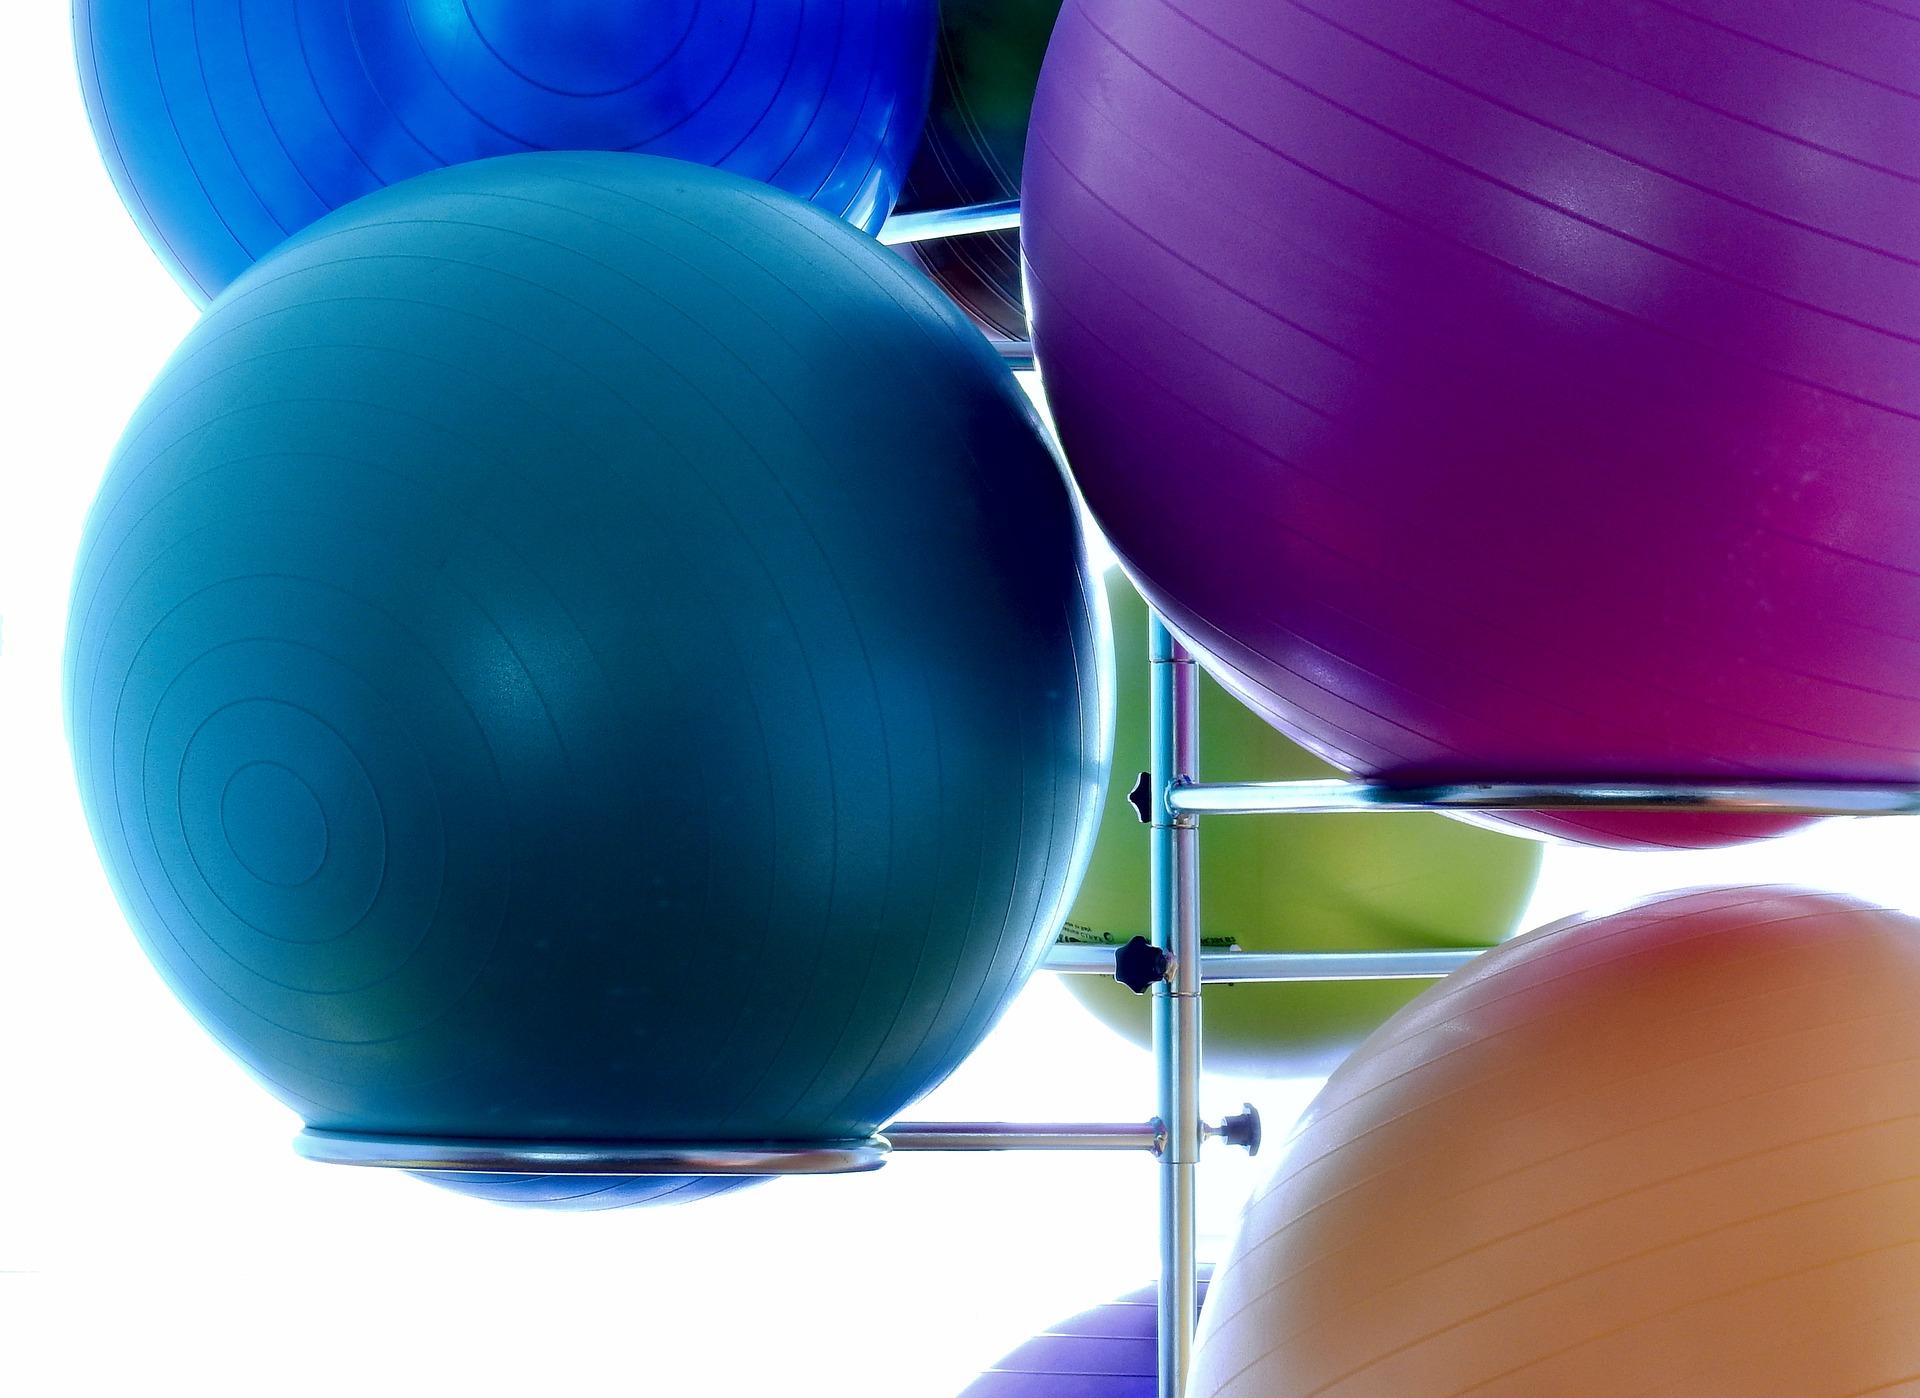 Gymnastikball: Test & Empfehlungen (10/21)